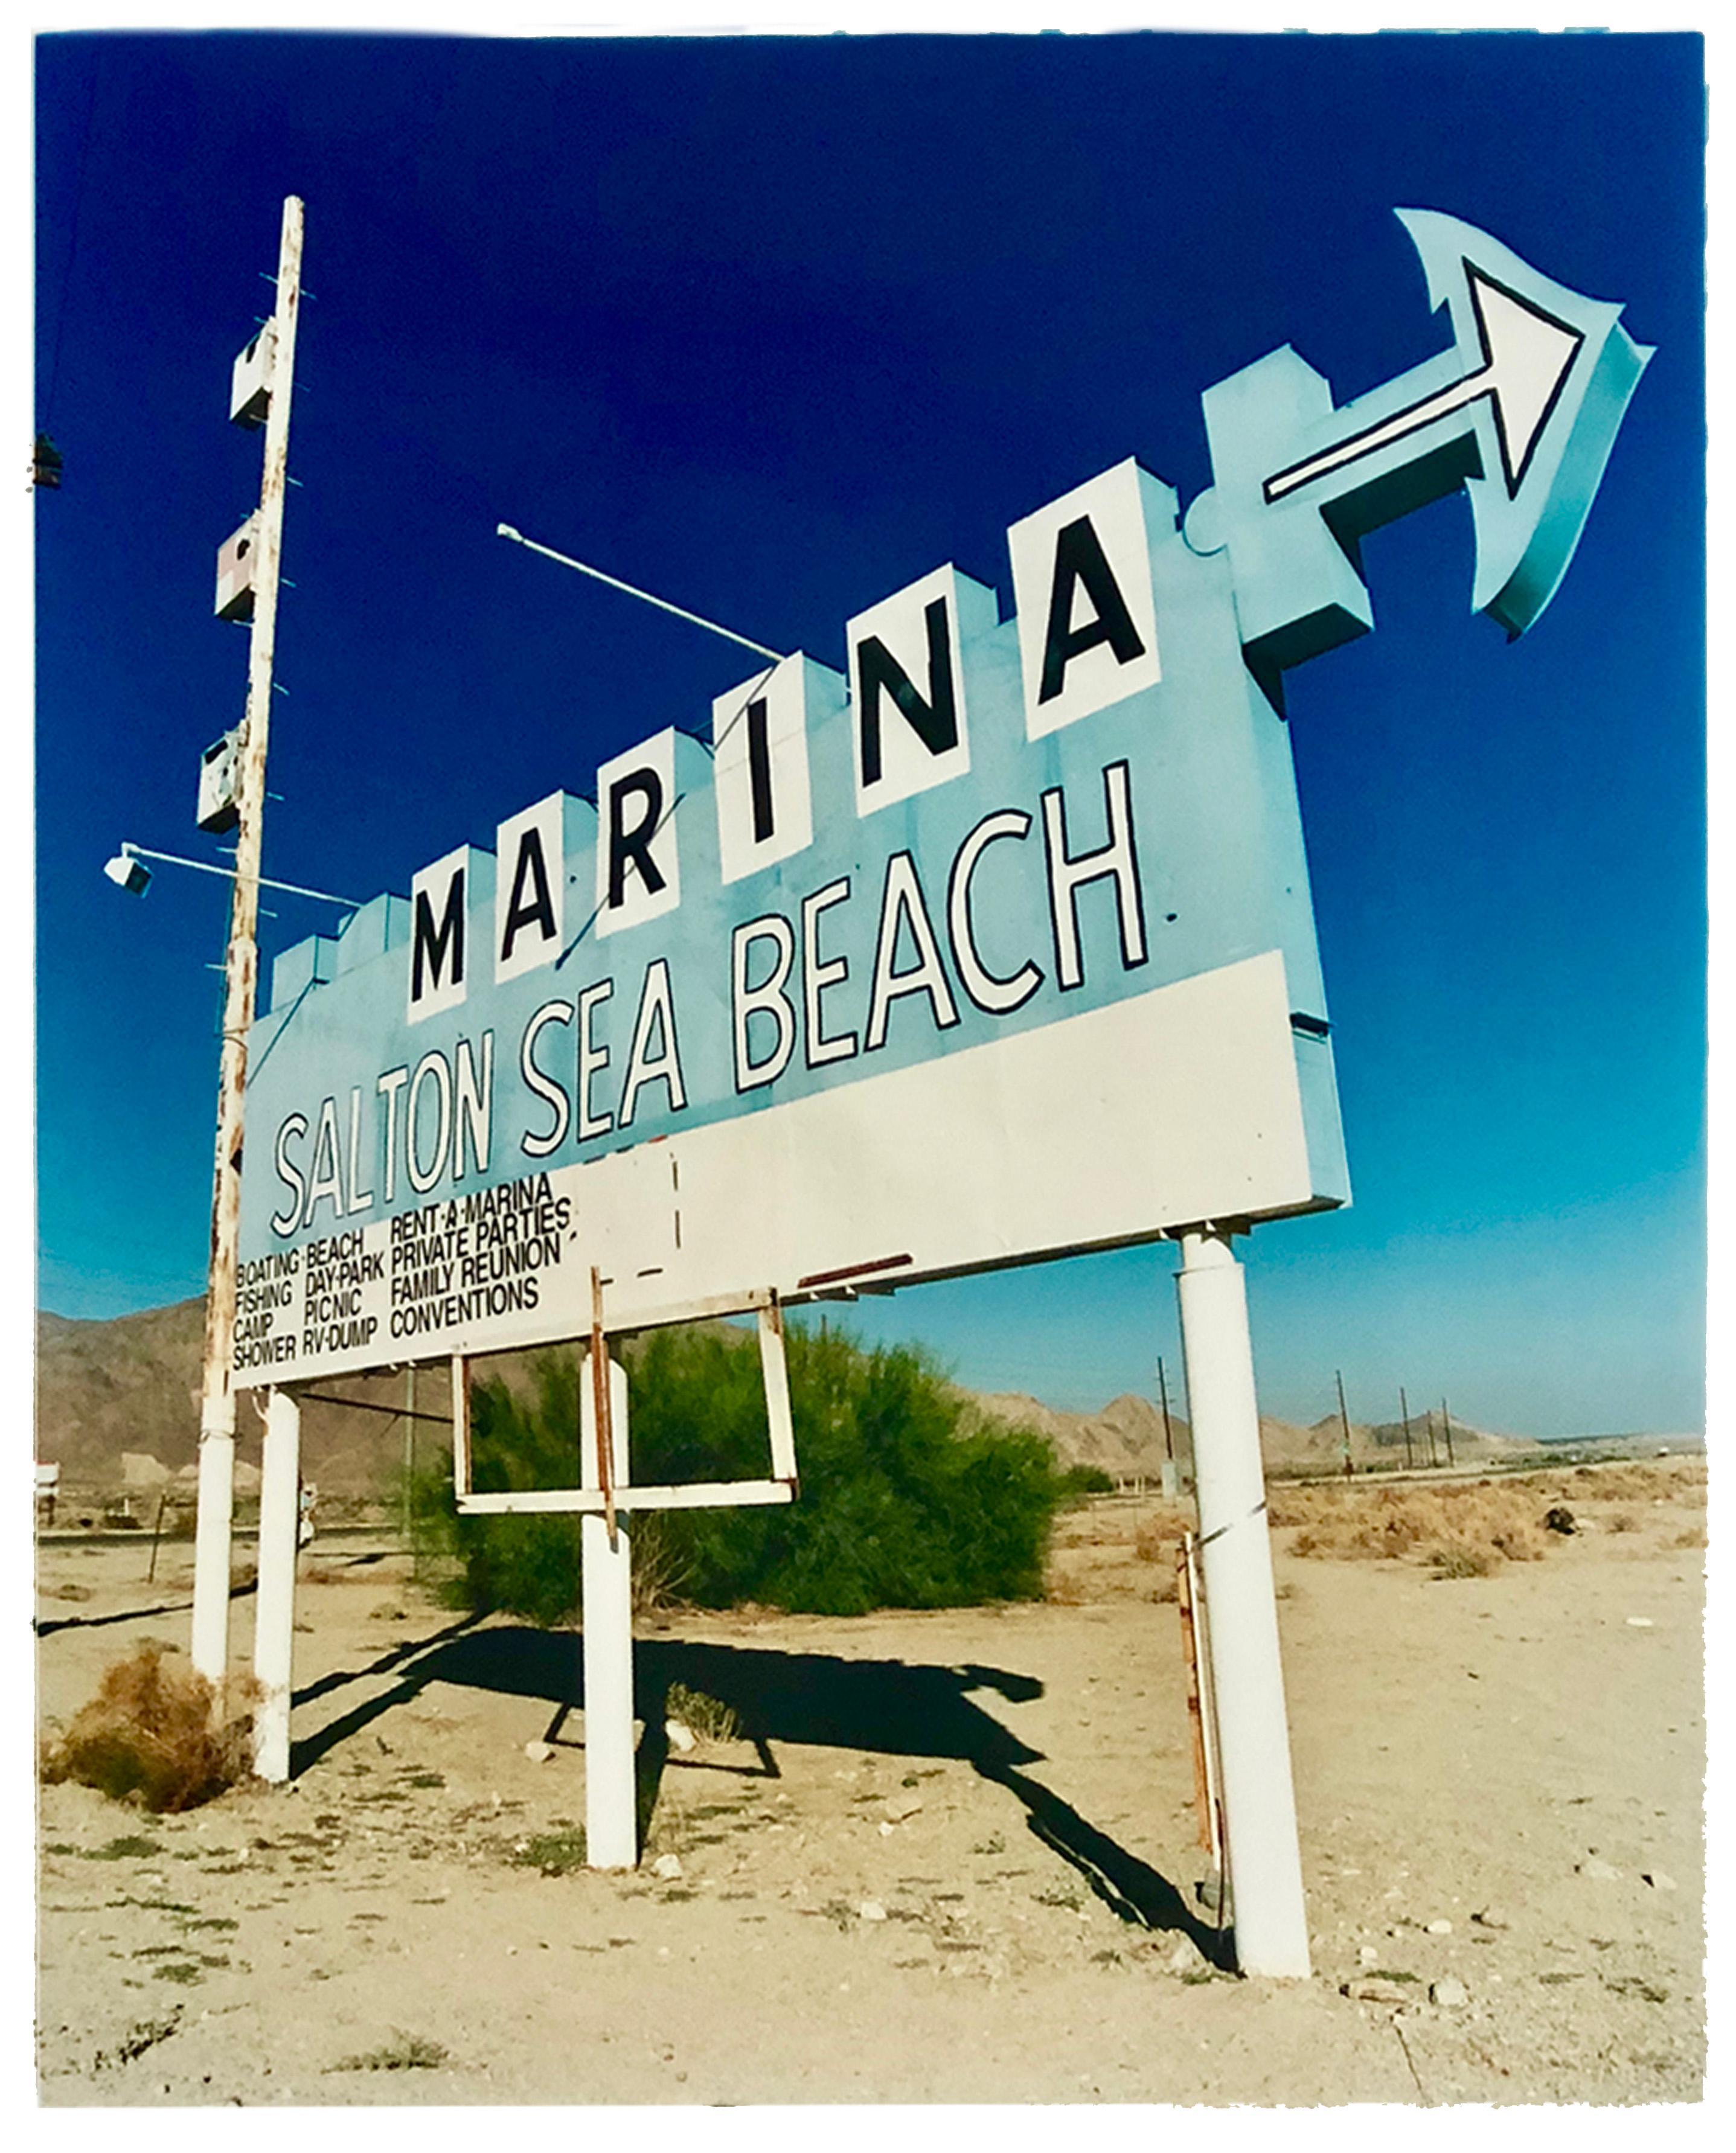 Marina Sign I, Salton Sea Beach, California - Roadside sign color photography